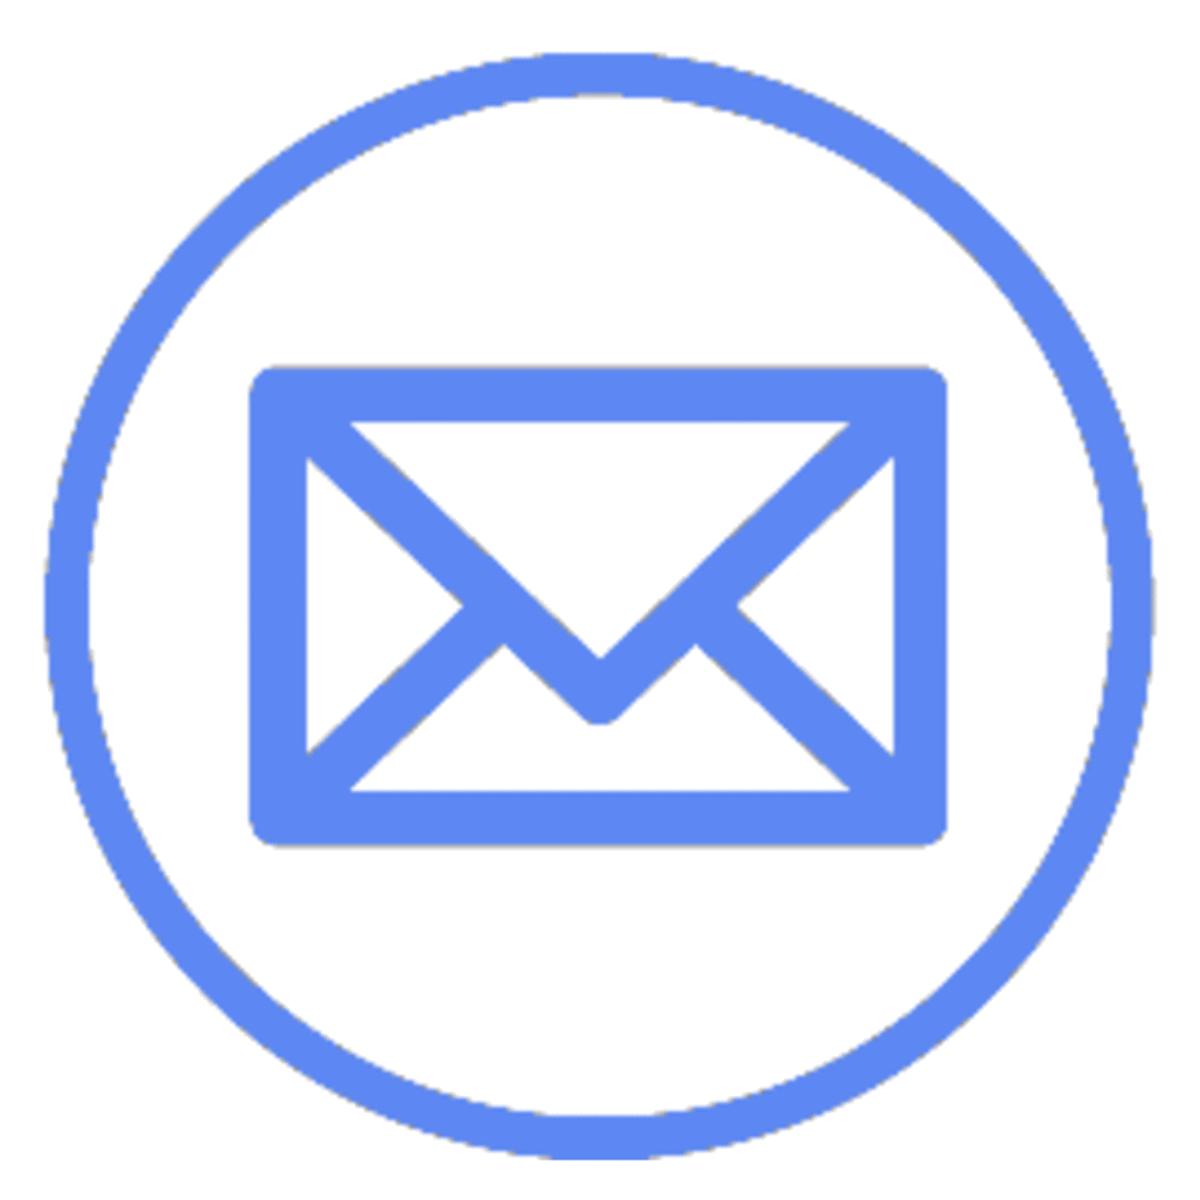 メールのロゴ